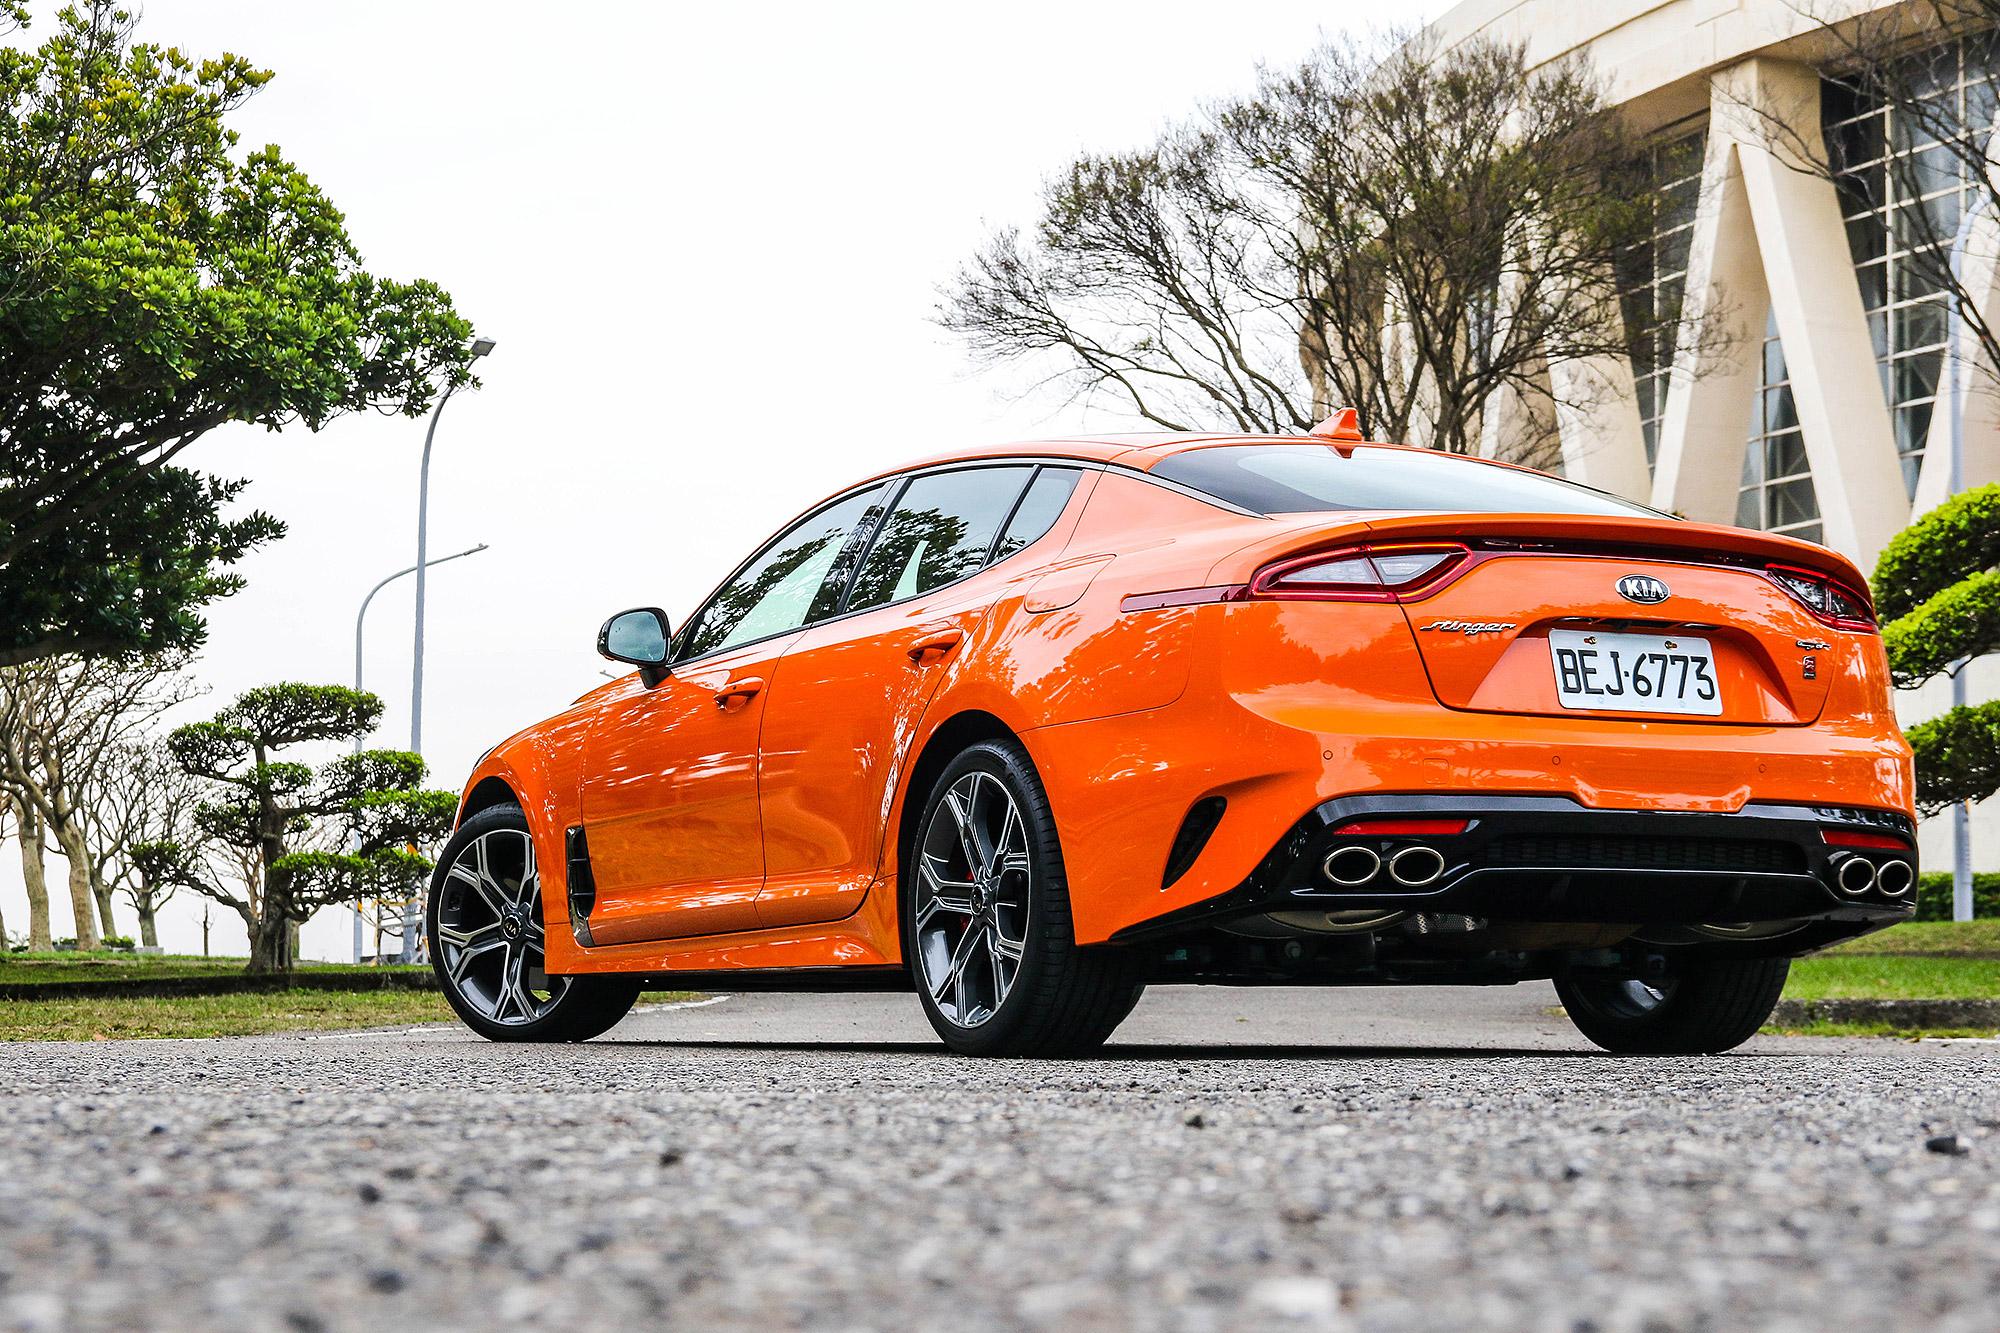 獨特且個性化的設定,加上來自於前 BMW M 部門的性能與操控,都讓 Stinger GT 多了魅力。